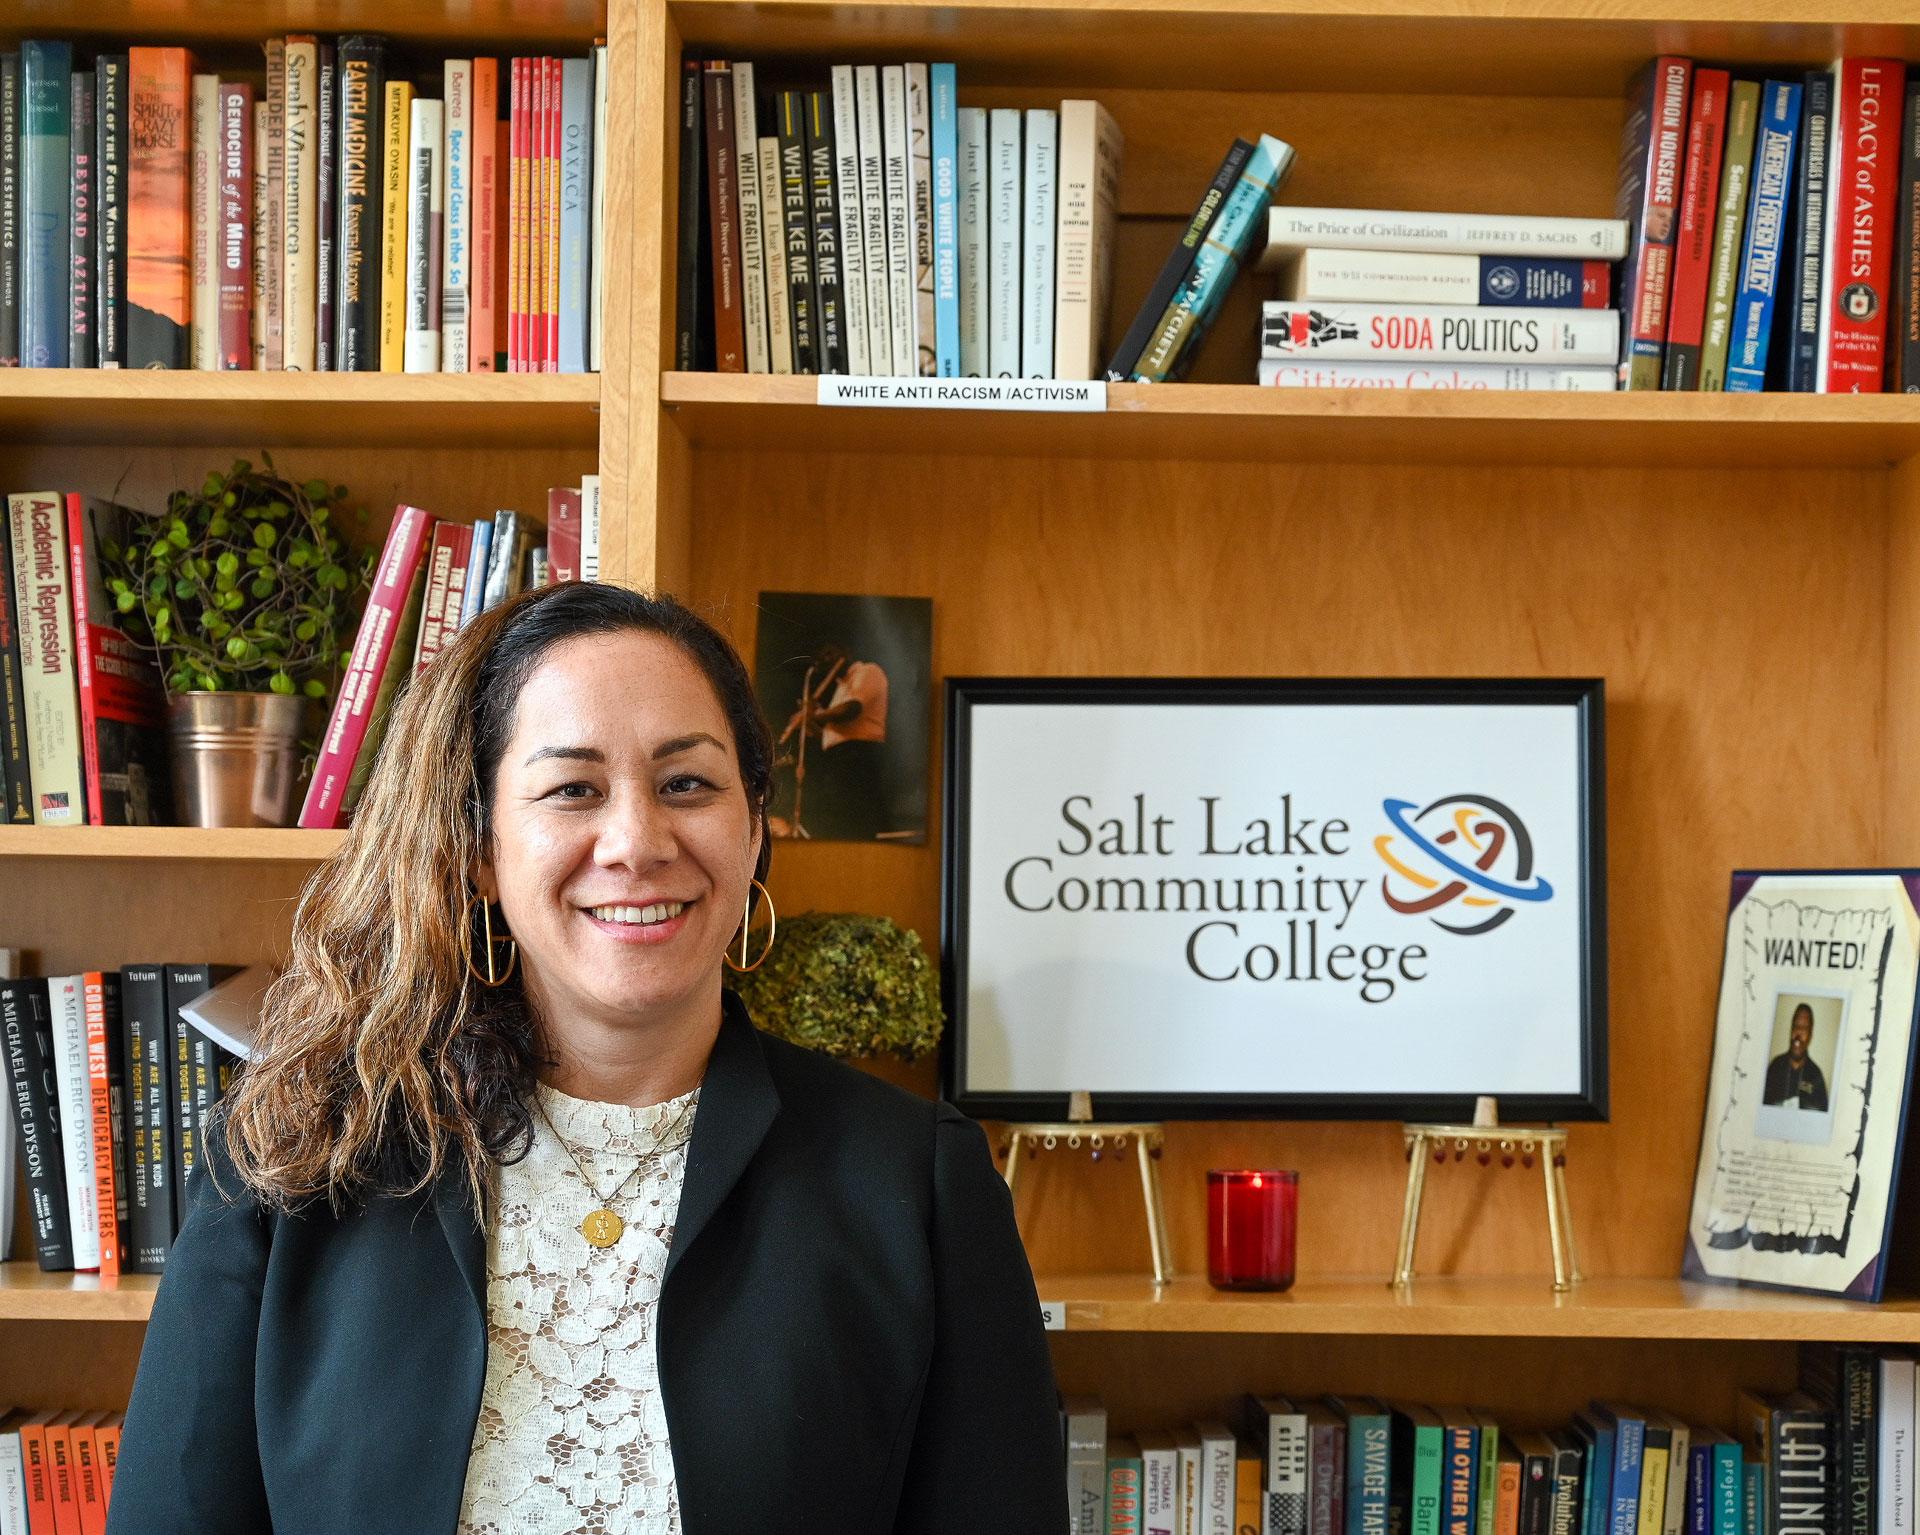 Dr. Kinikini stands next to SLCC sign on bookshelf